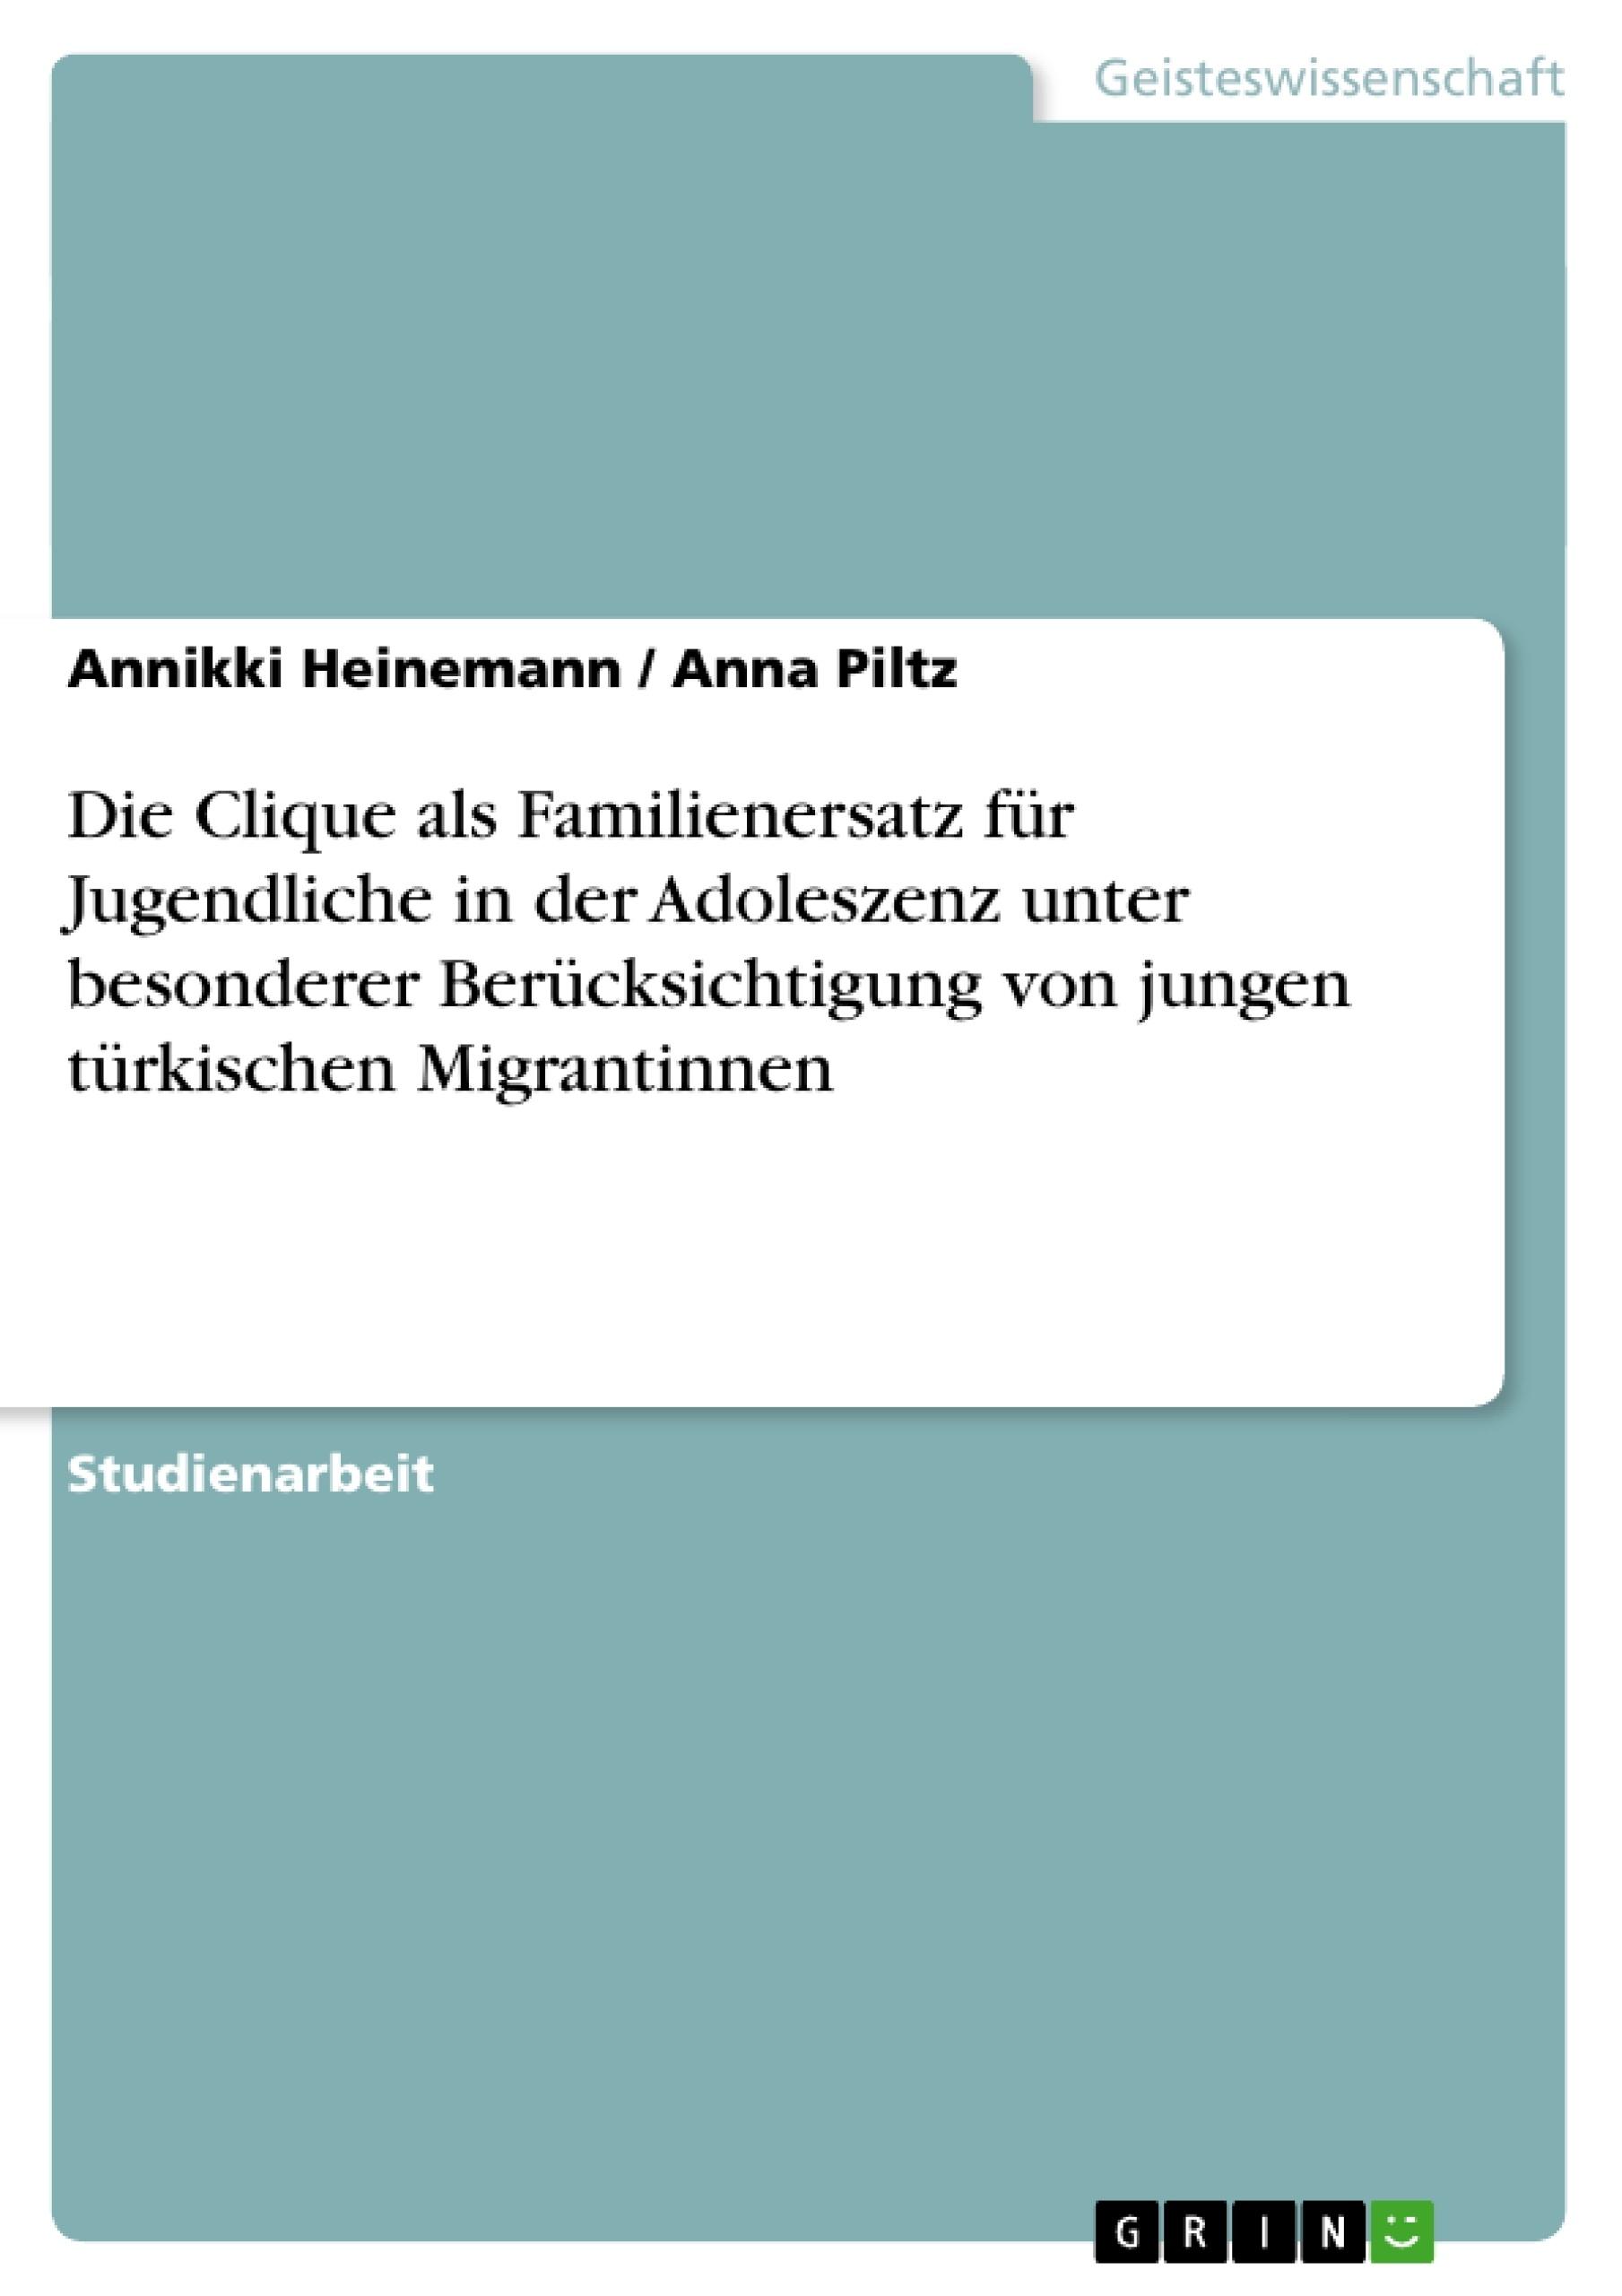 Titel: Die Clique als Familienersatz für Jugendliche in der Adoleszenz unter besonderer Berücksichtigung von jungen türkischen Migrantinnen